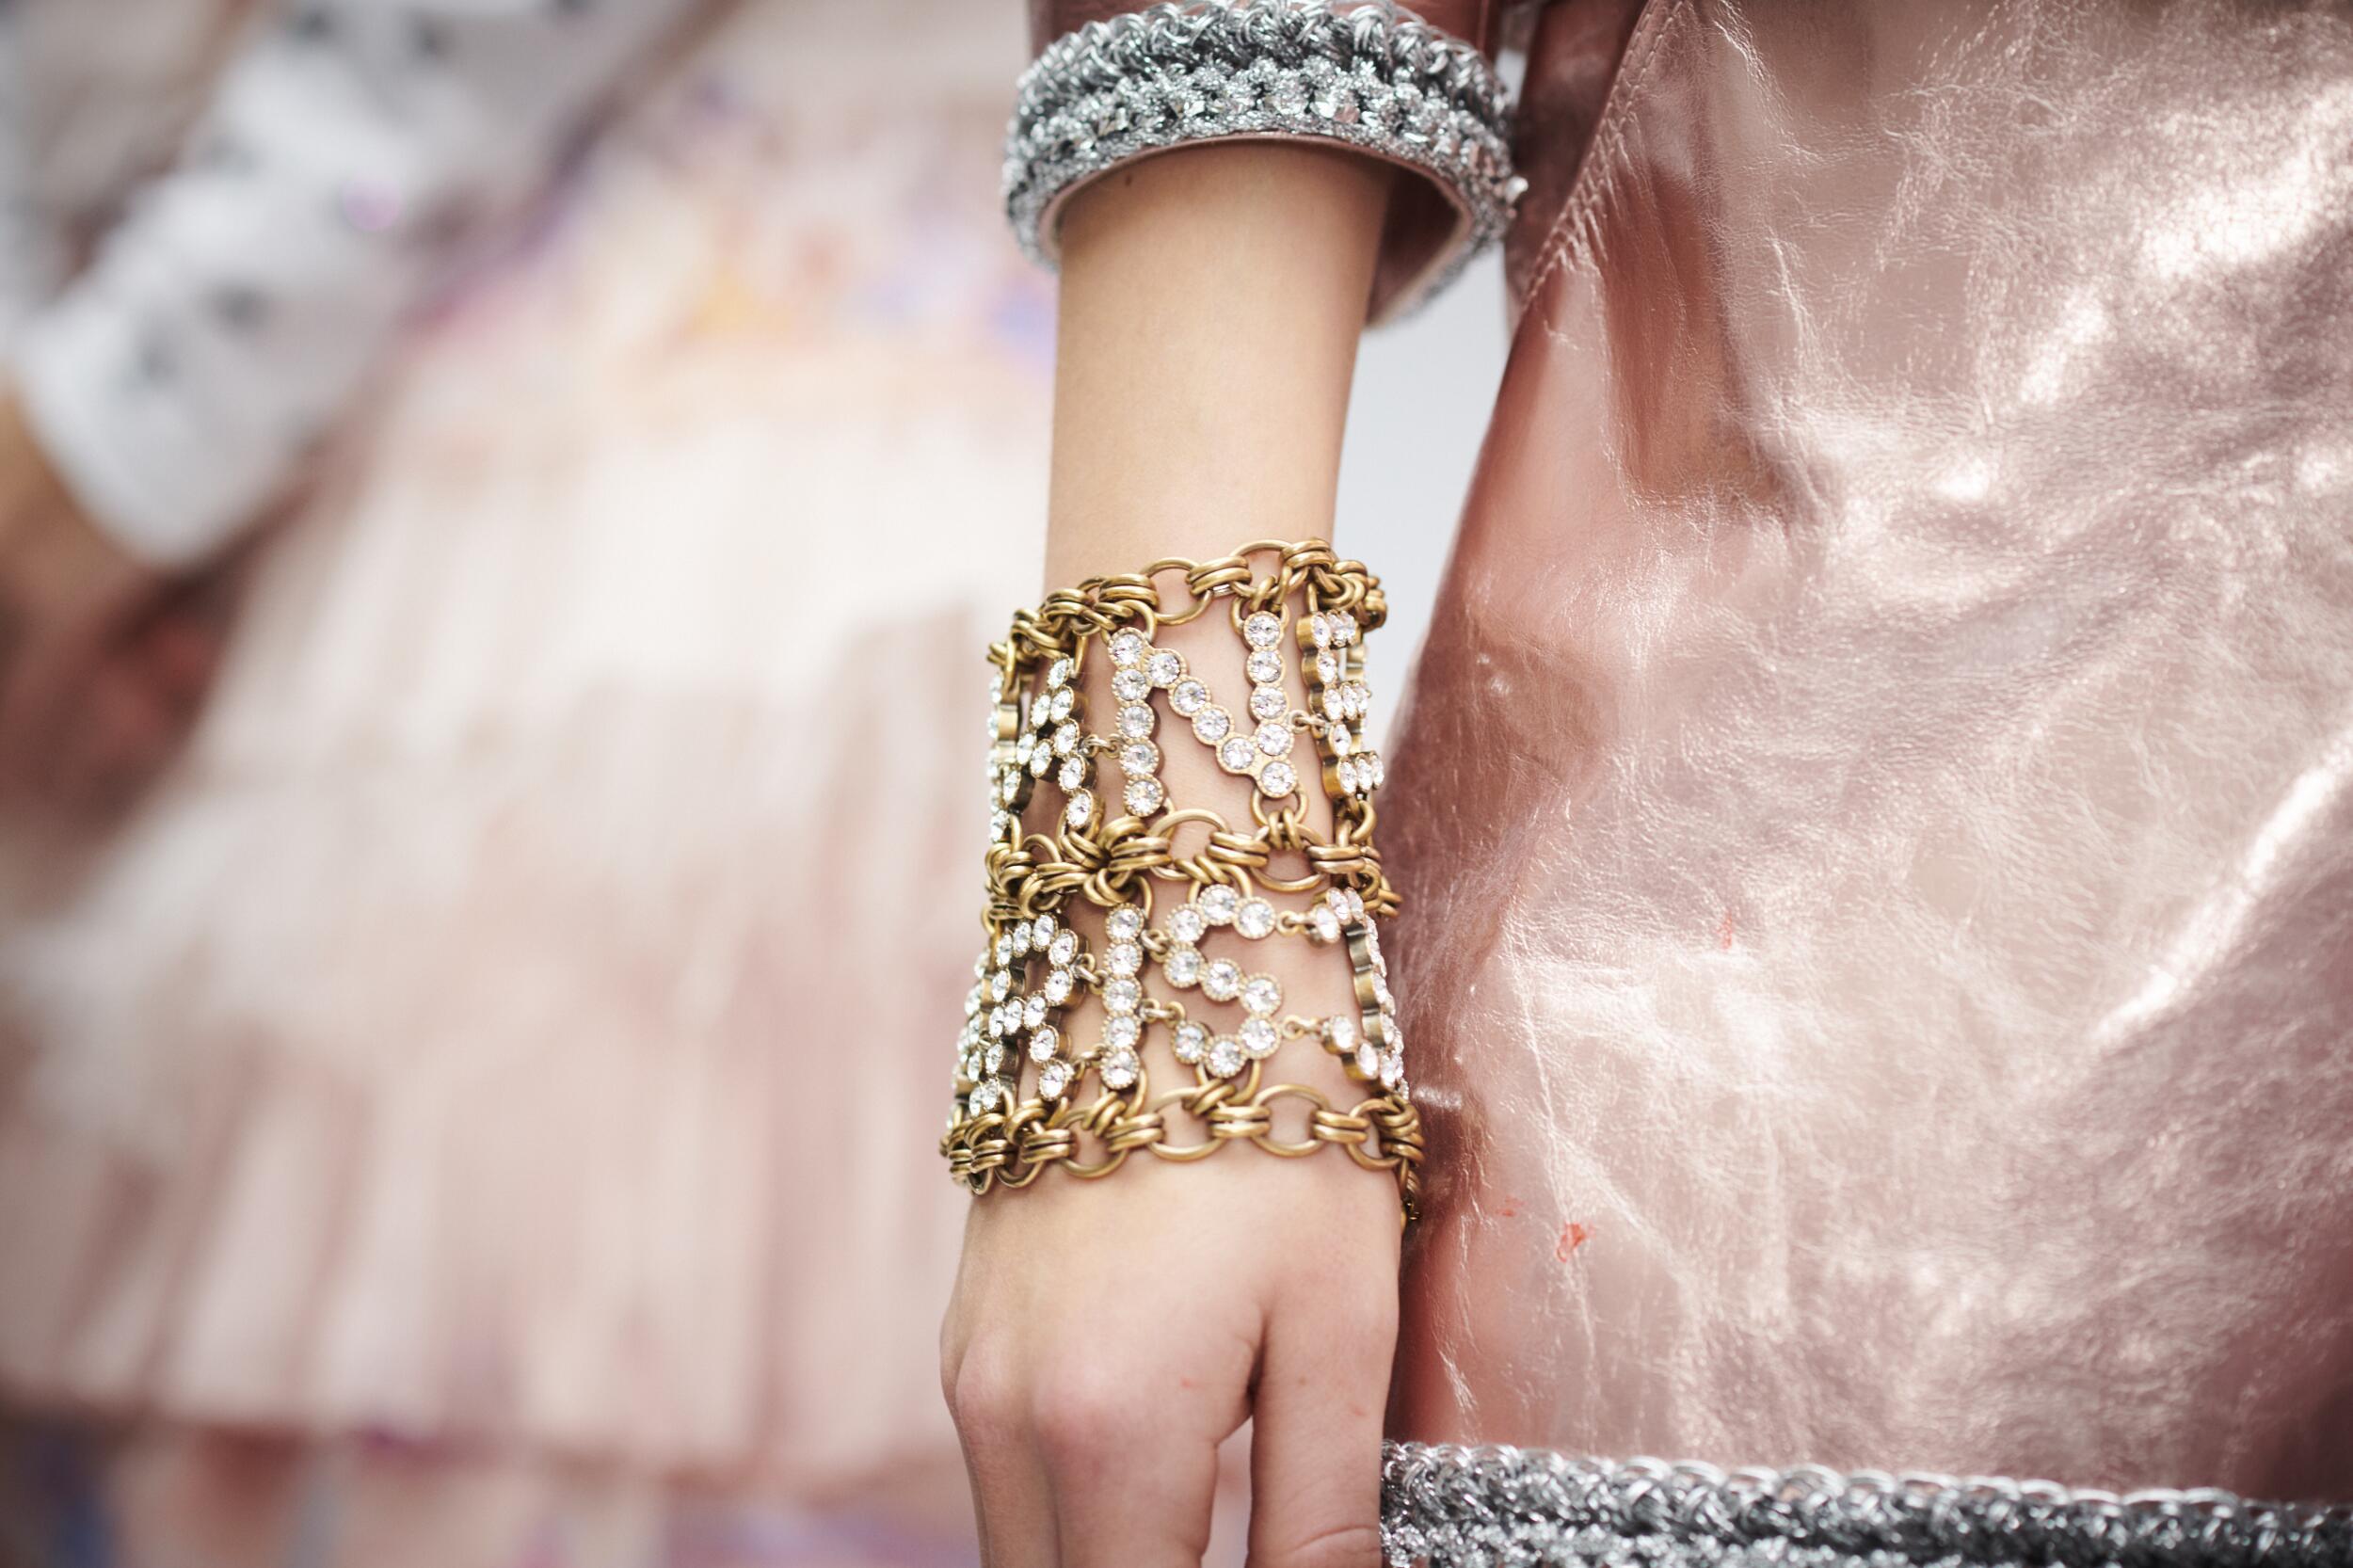 Chanel Spring Summer 2020 Bracelet Collection